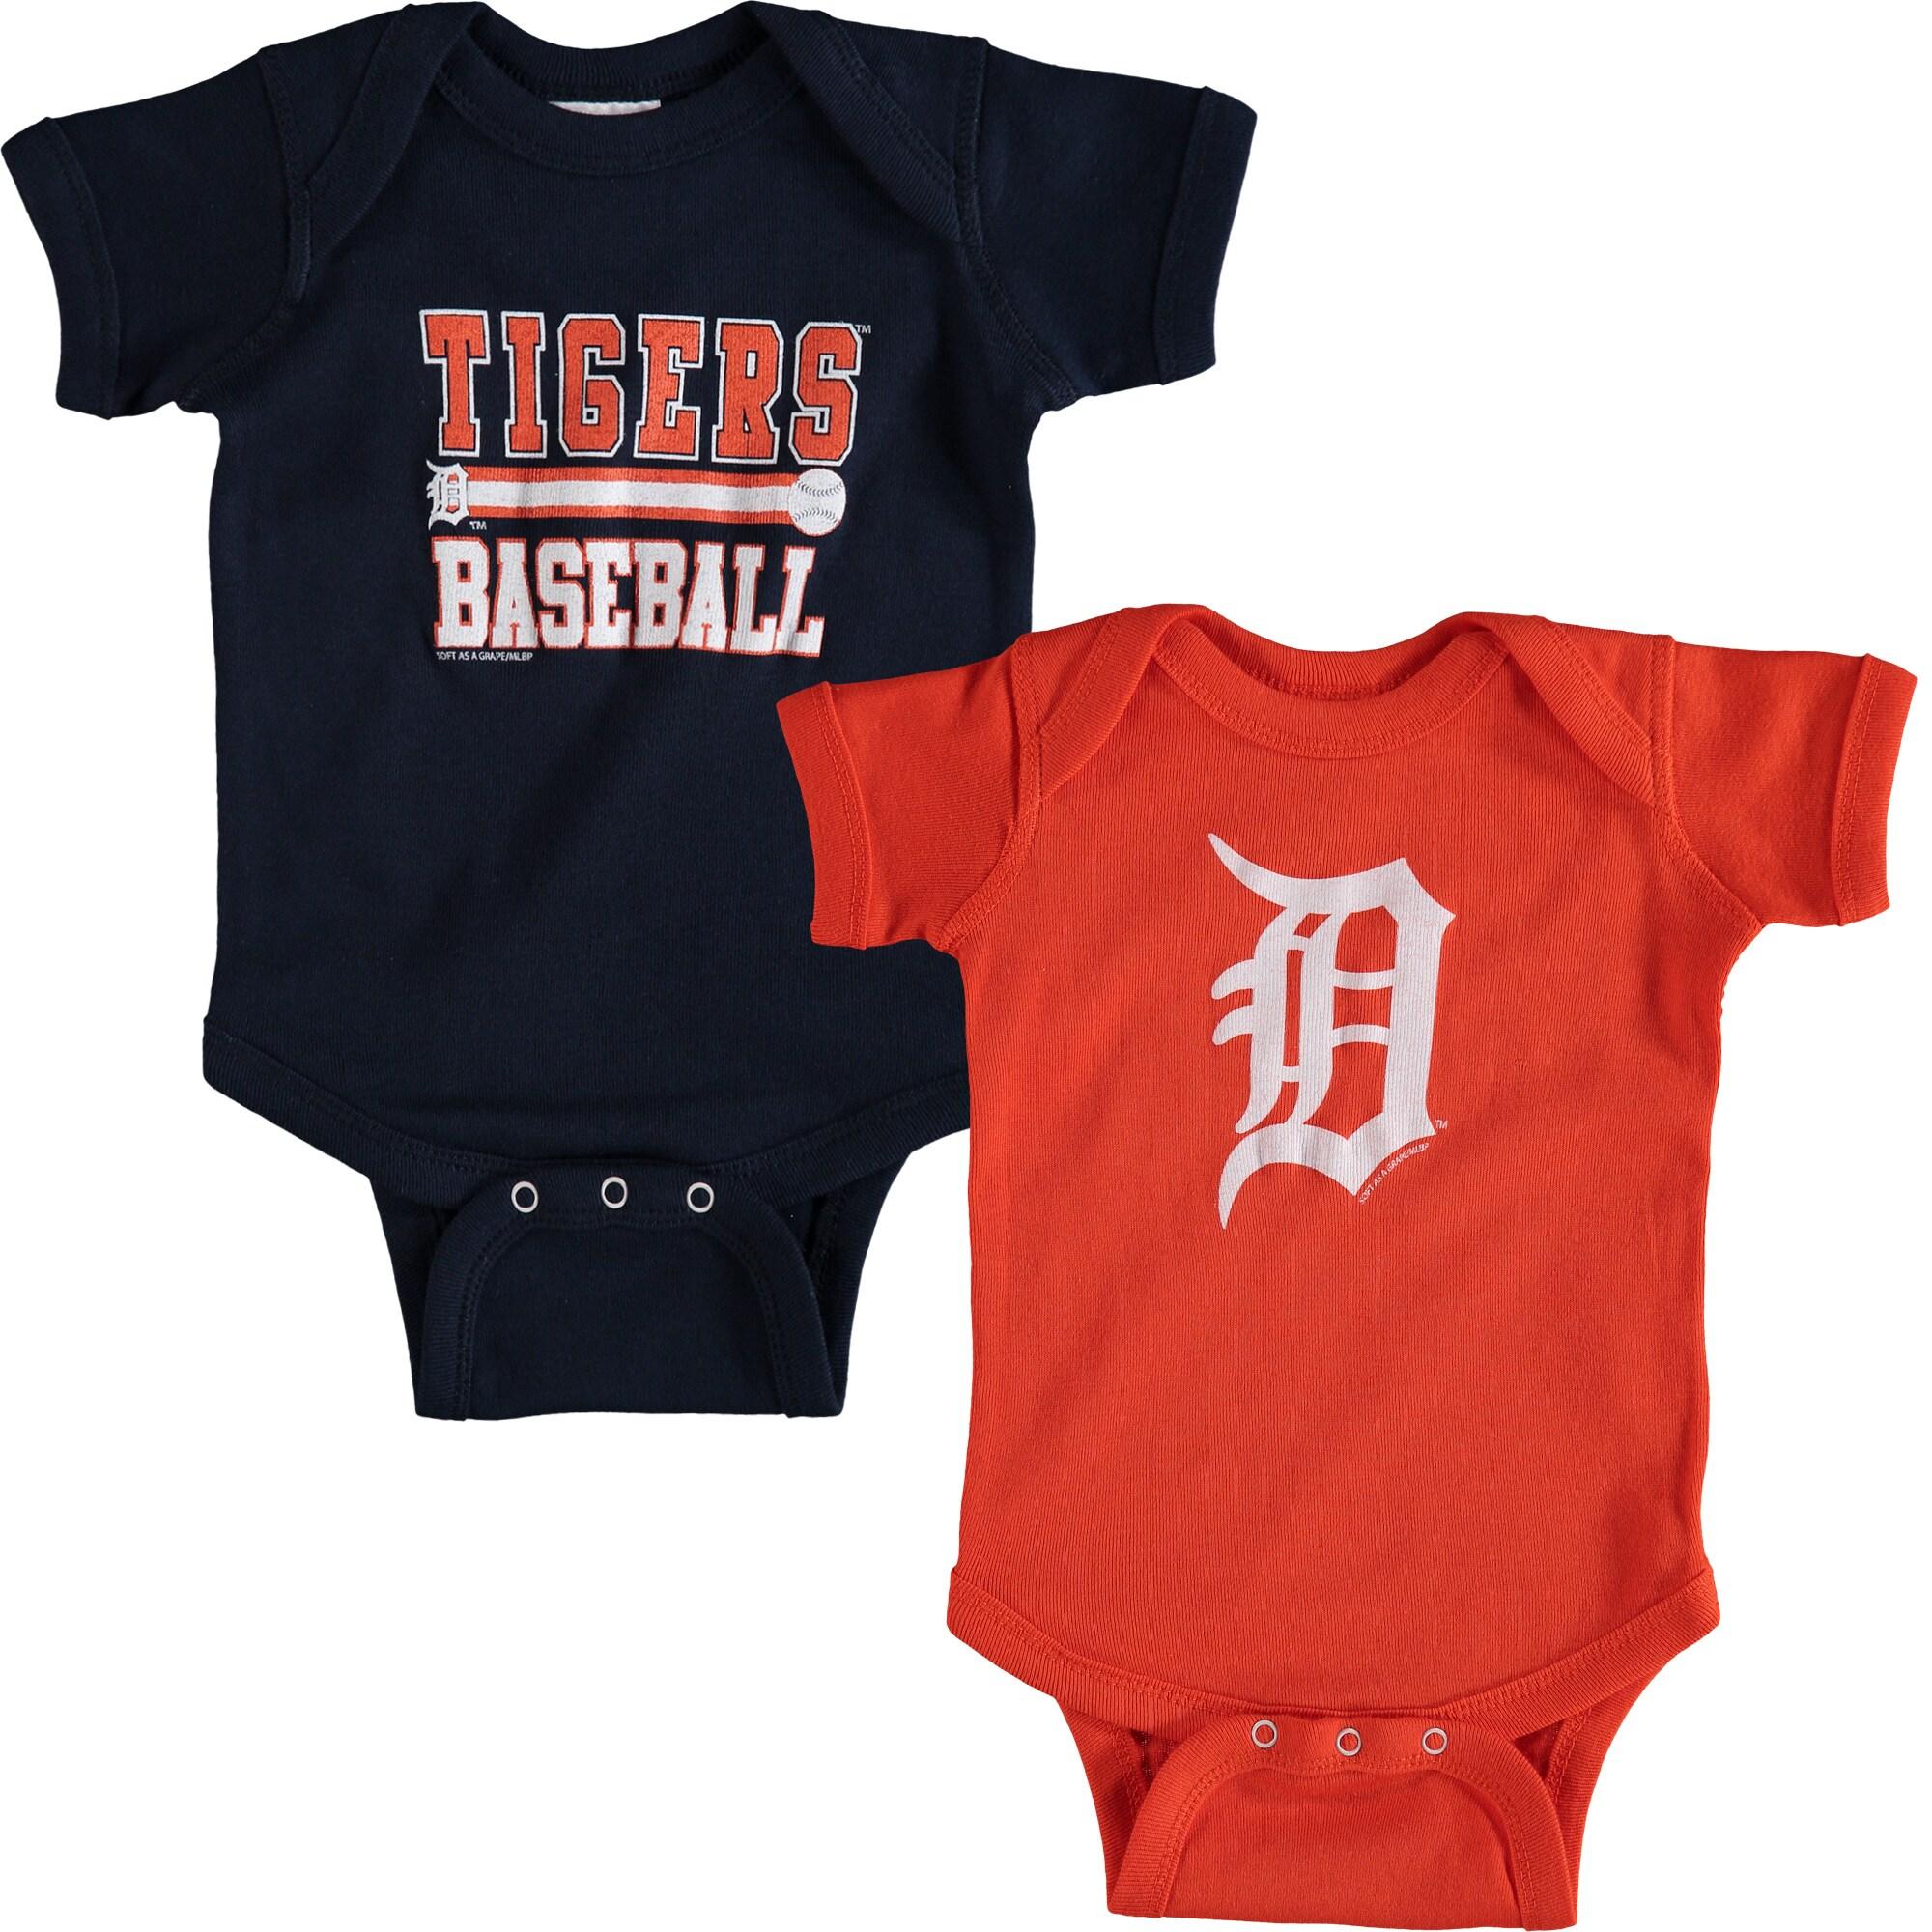 Detroit Tigers Soft as a Grape Newborn & Infant 2-Piece Body Suit - Navy/Orange